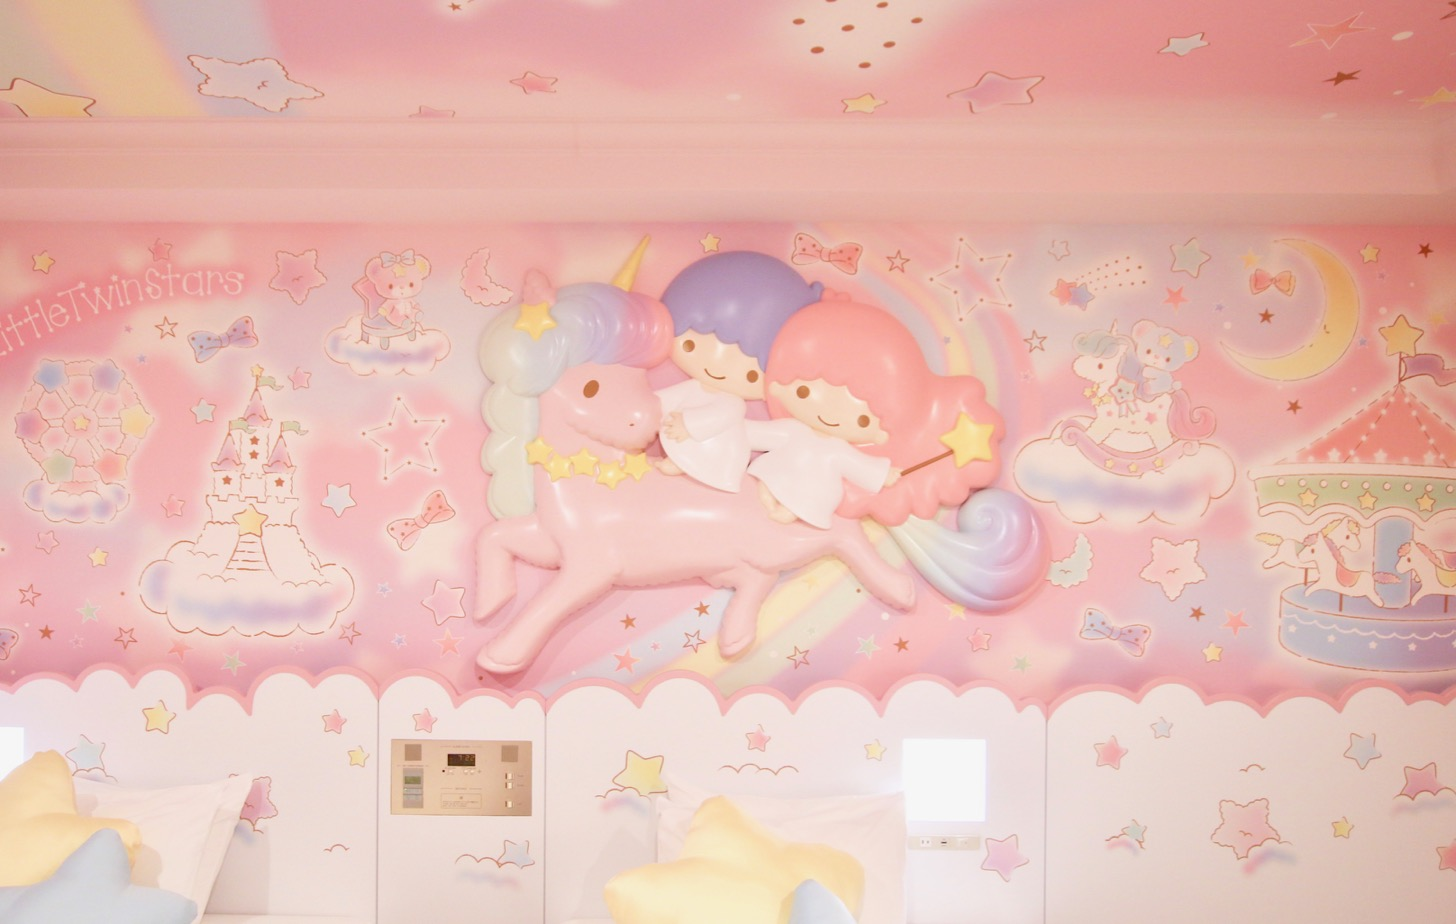 京王プラザホテル多摩 ヘッドボードには、好奇心旺盛でちょっぴりあわてんぼうのキキとこわがりでちょっぴり泣き虫のお姉さんララがユニコーンに乗って遊園地にやってくる姿